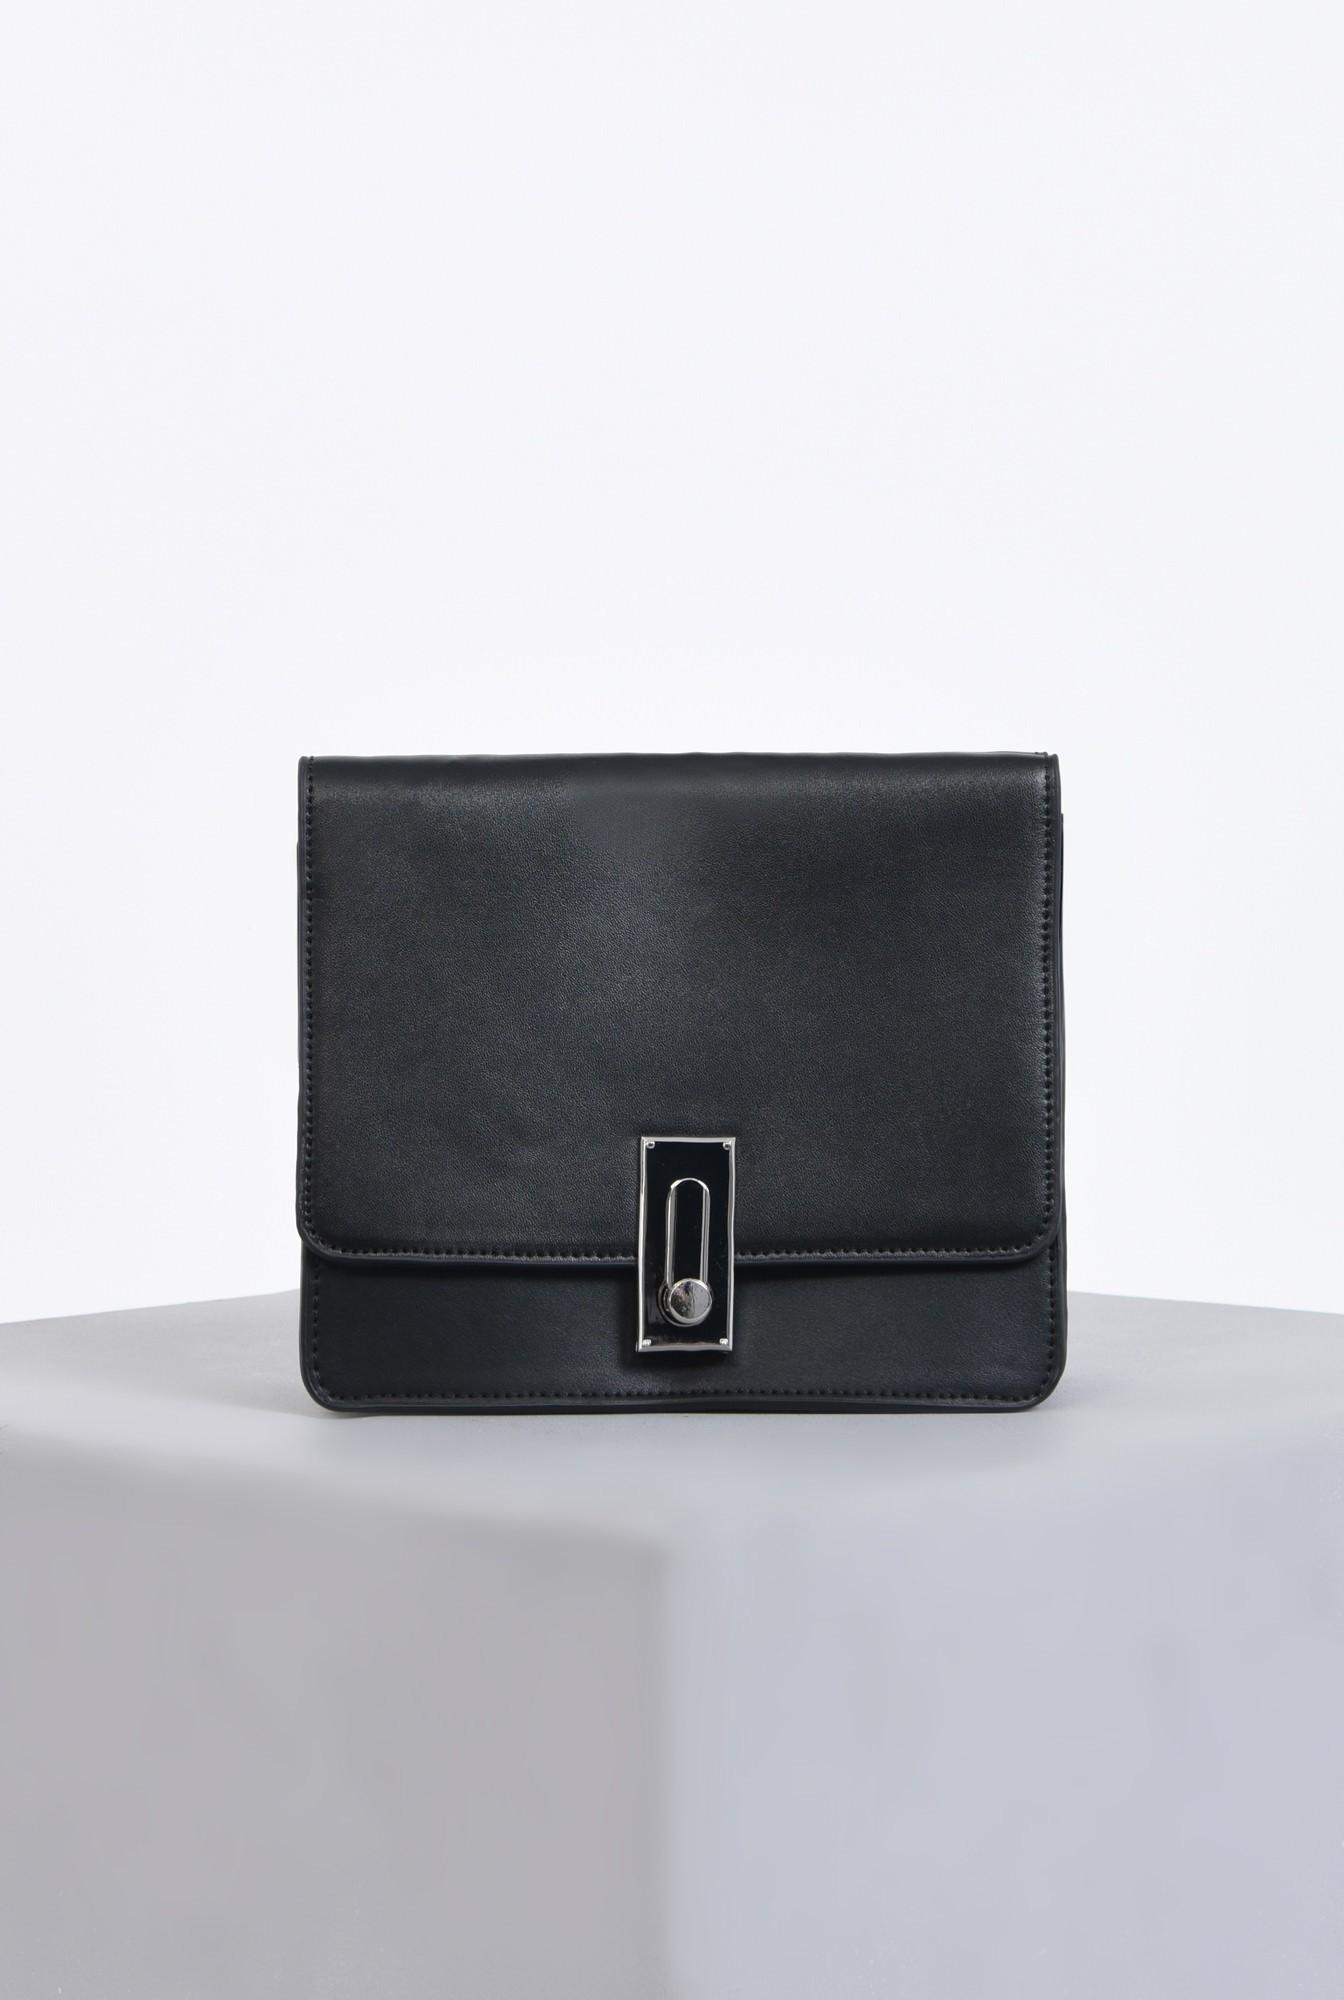 geanta casual, negru, mini, accesorii